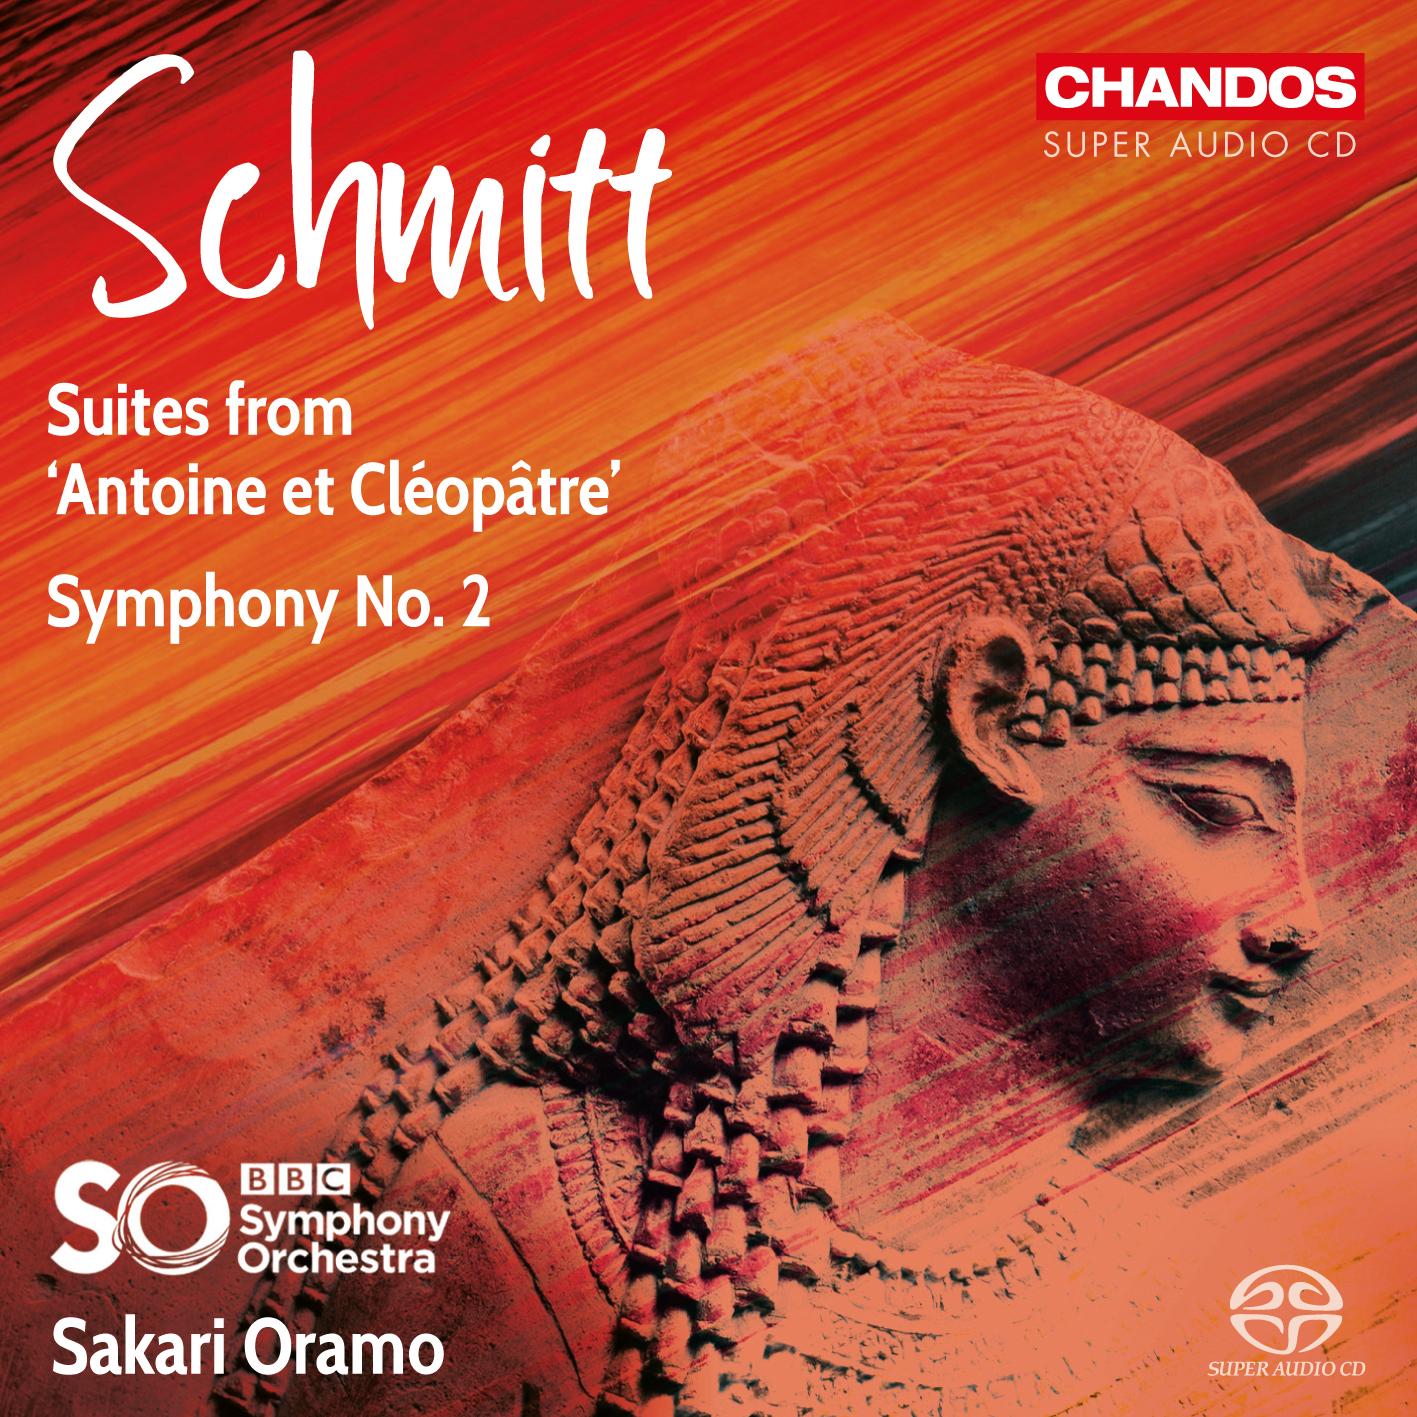 Florent SCHMITT : Le Berlioz du XX siècle ? - Page 4 CH5200